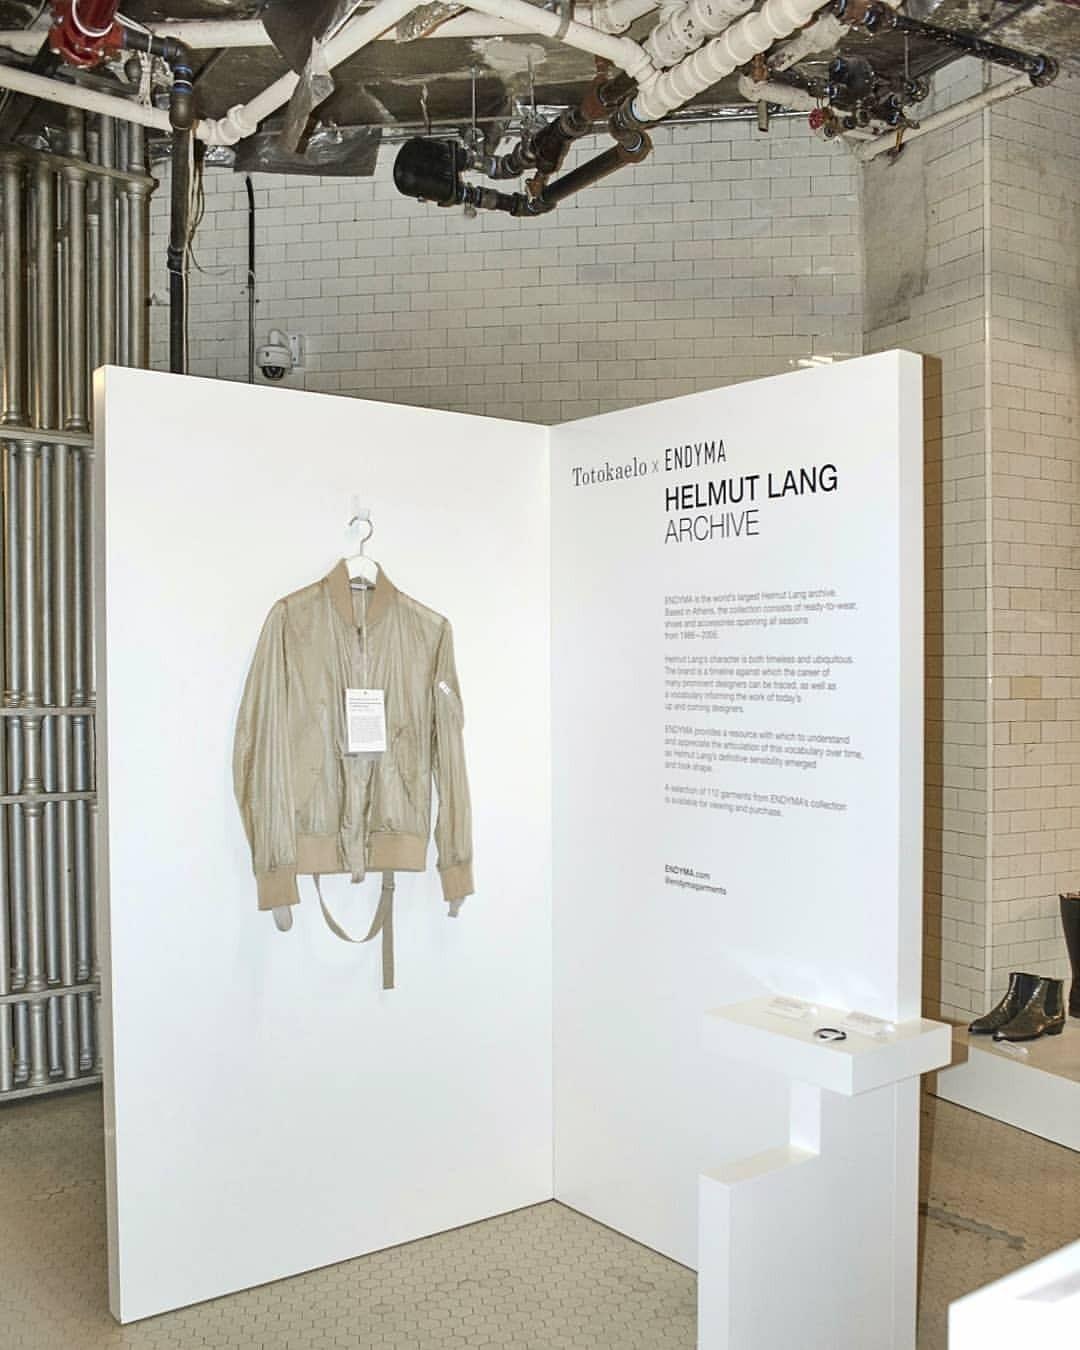 ENDYMA Archive installation at 190-Bowery, NY